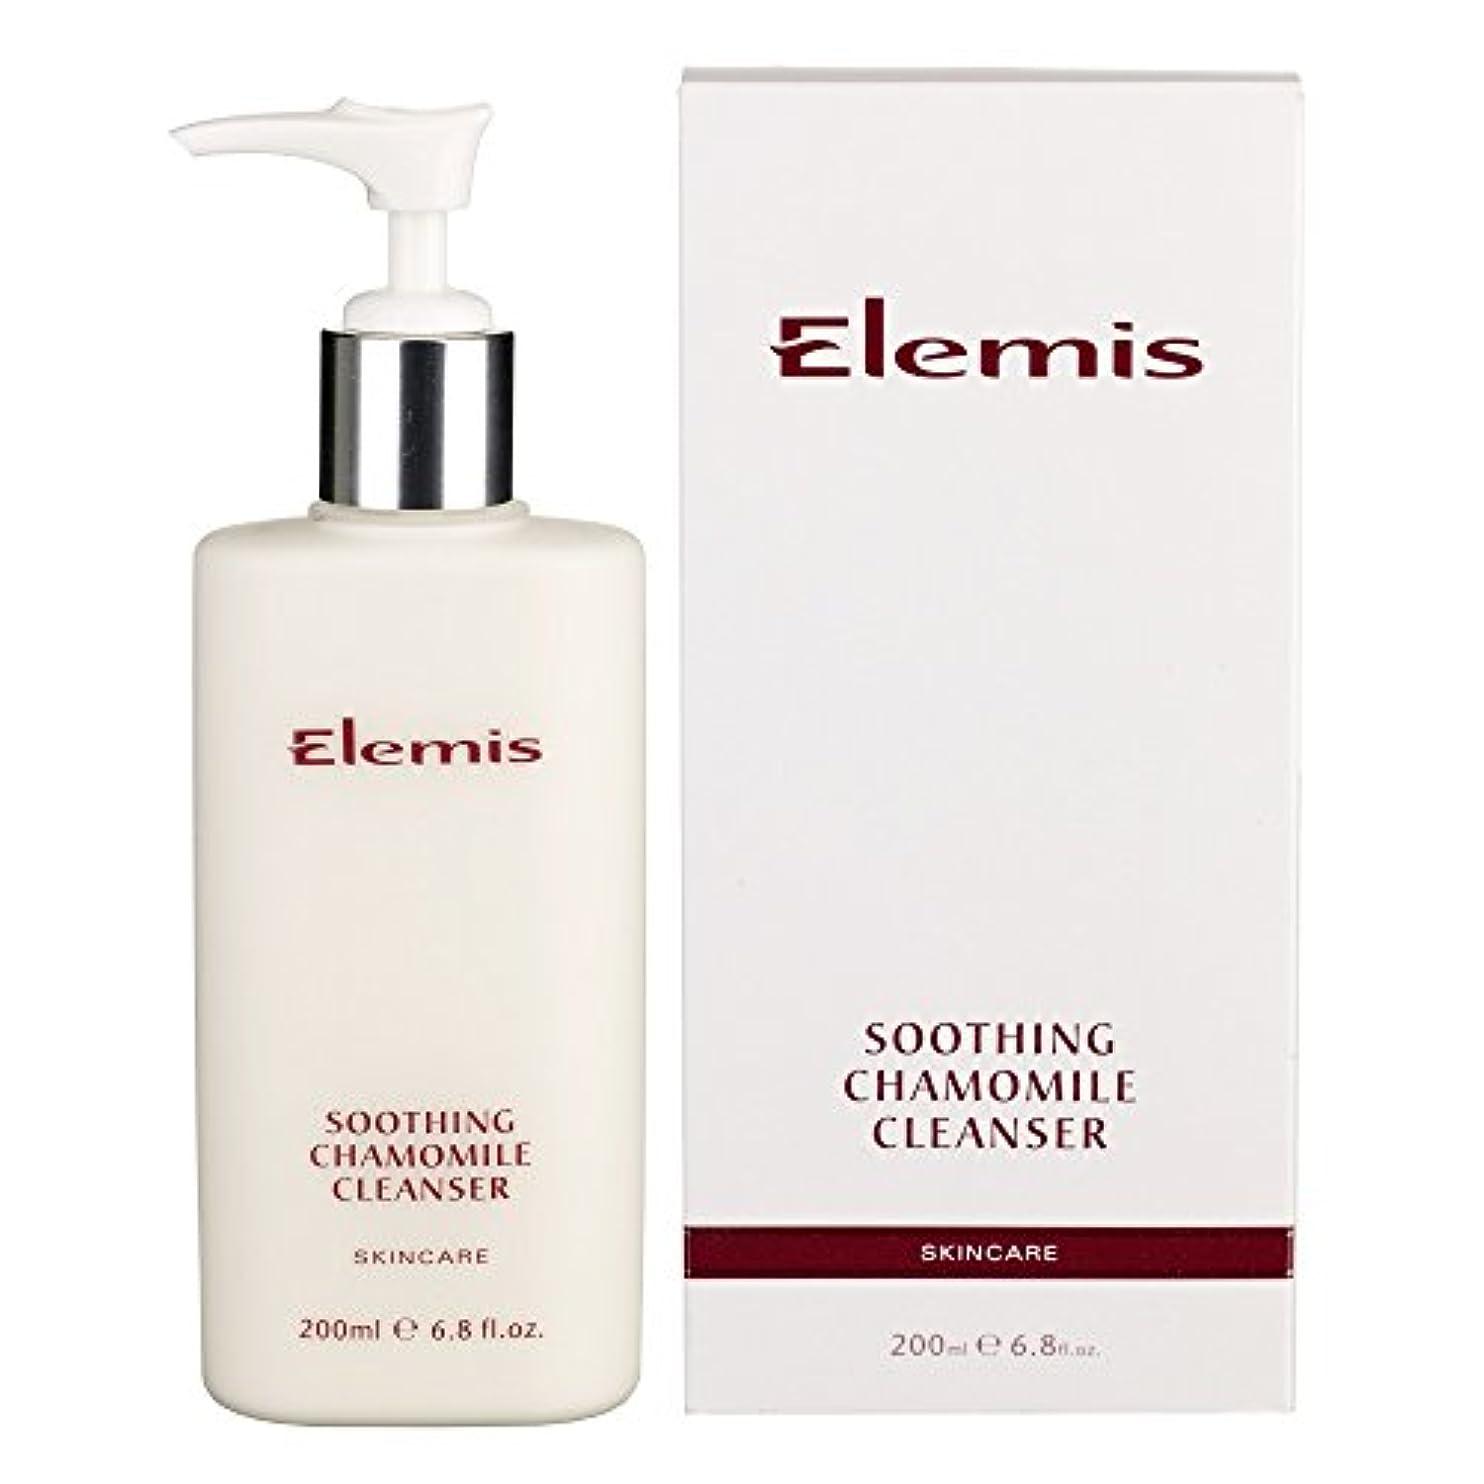 口述懇願するあさりエレミスはカモミールクレンザーをなだめるスキンケア (Elemis) - Elemis Skincare Soothing Chamomile Cleanser [並行輸入品]